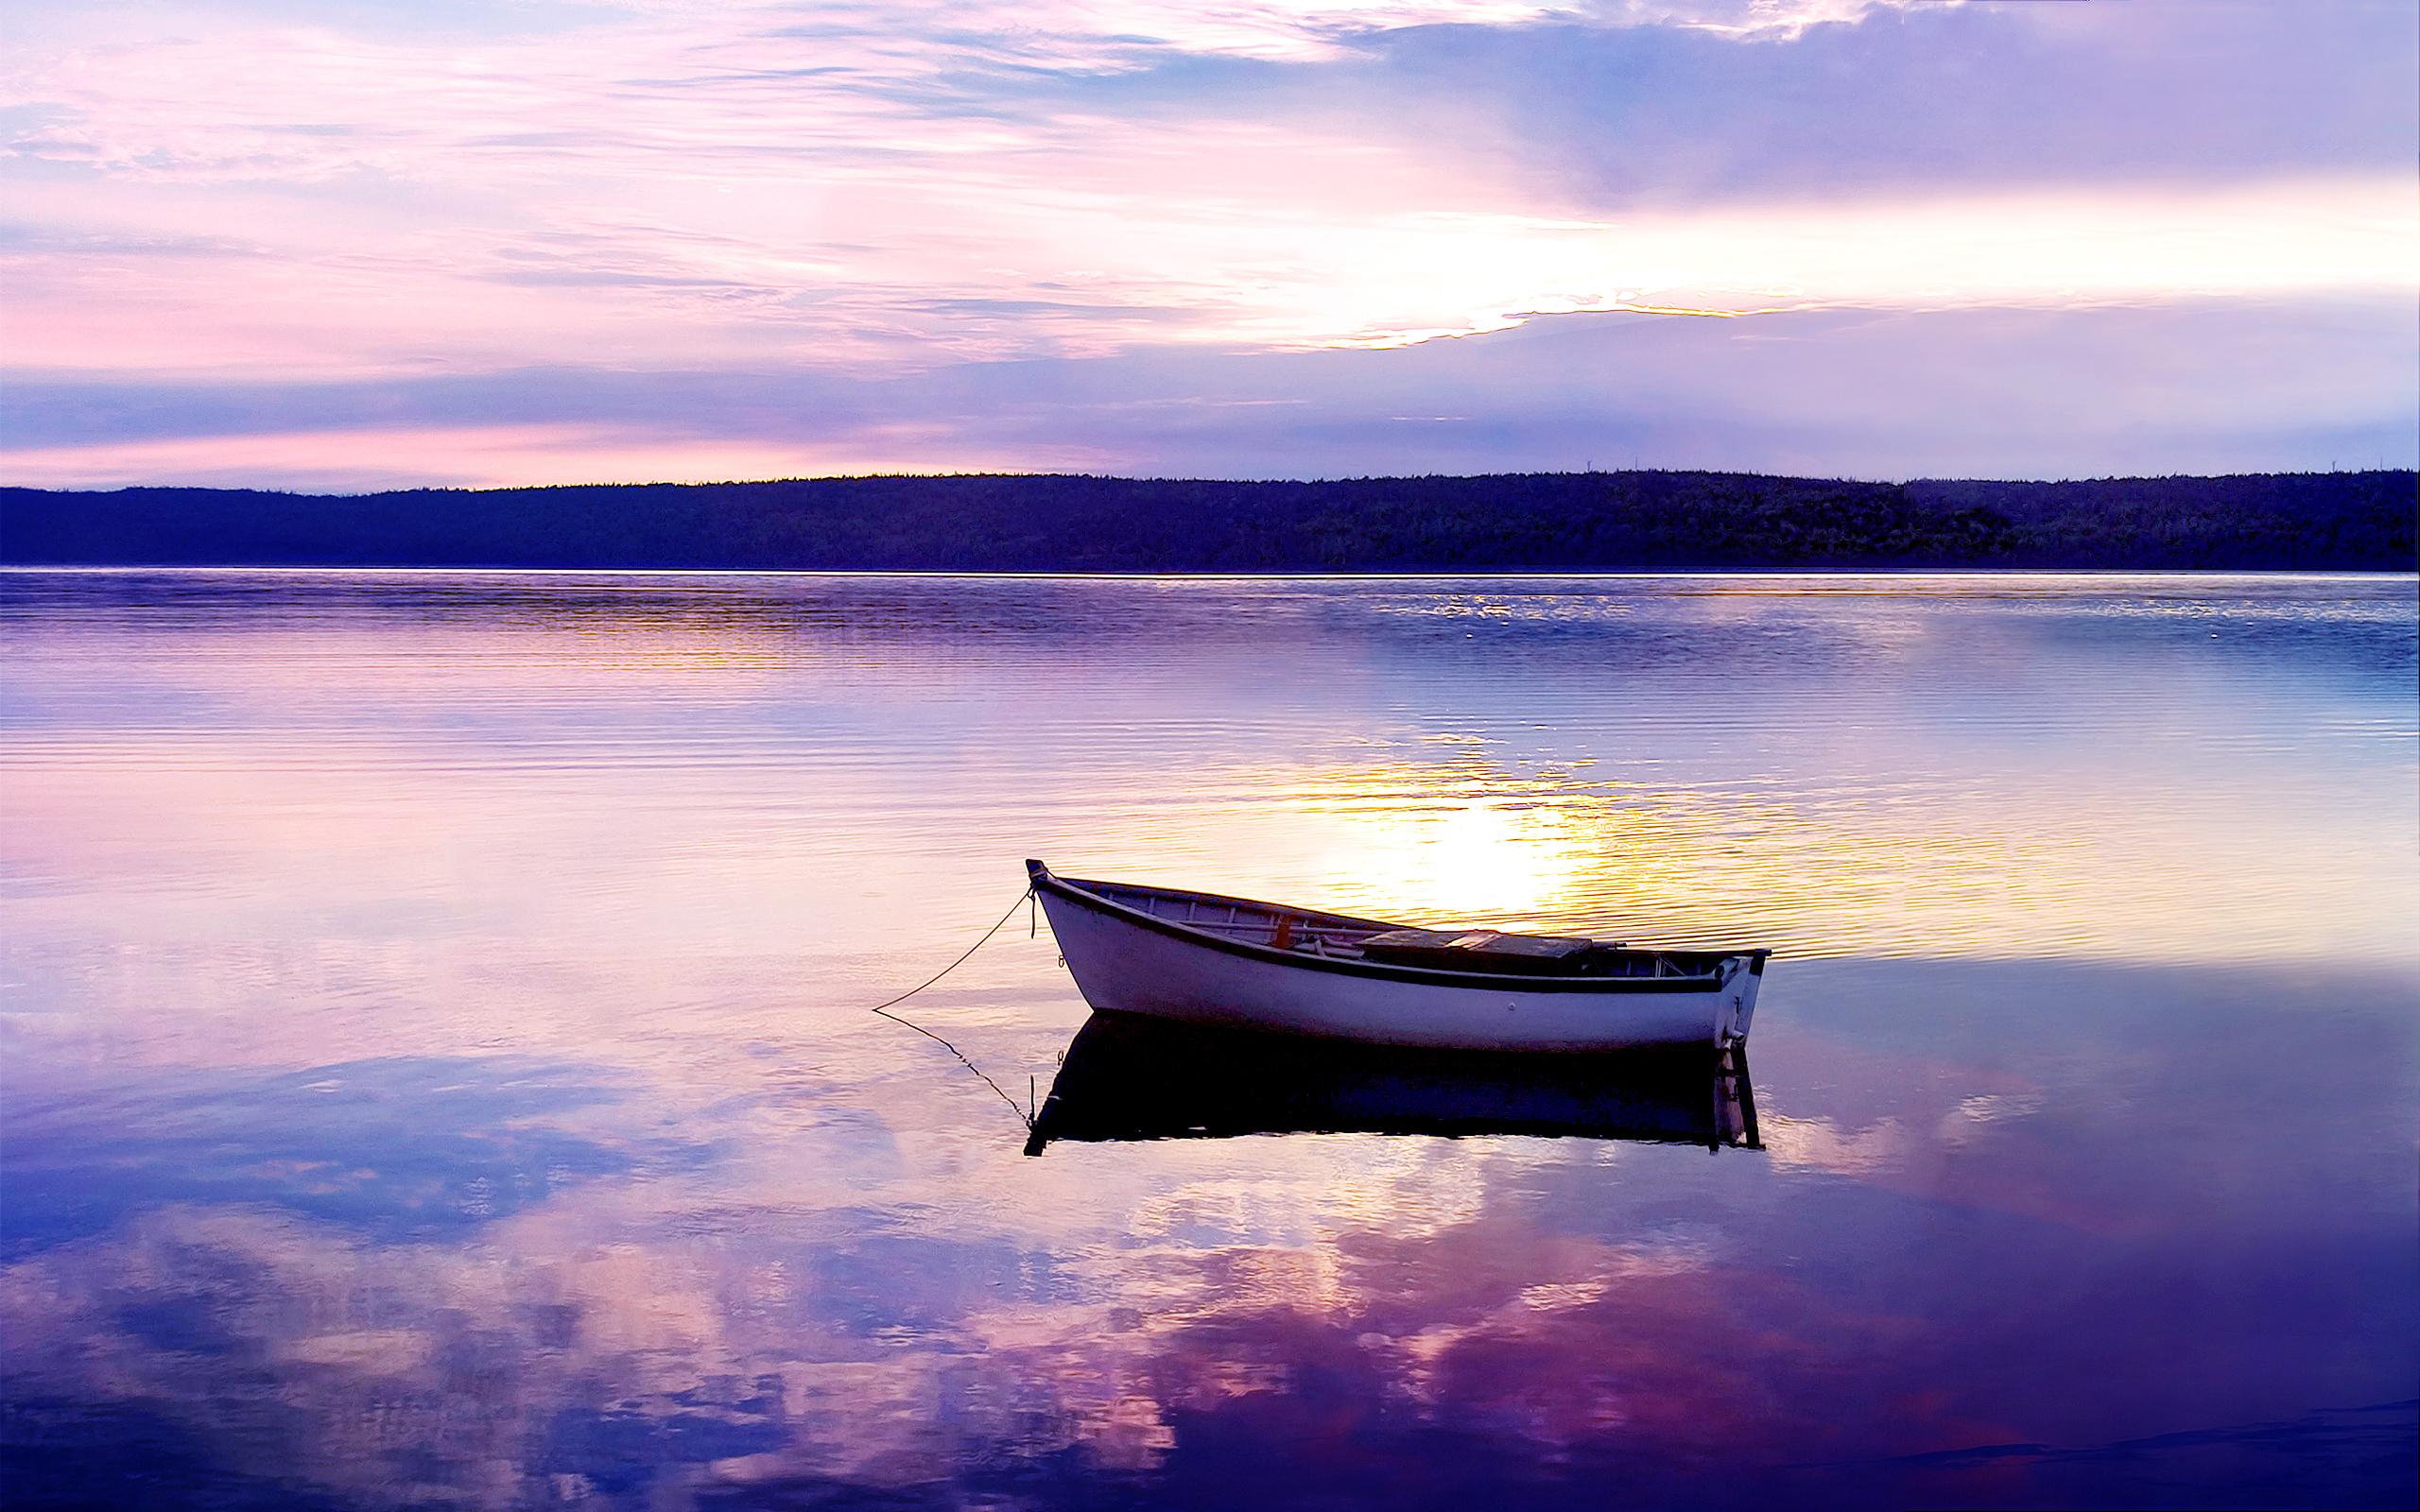 На лодке в горном озере  № 3062512 бесплатно